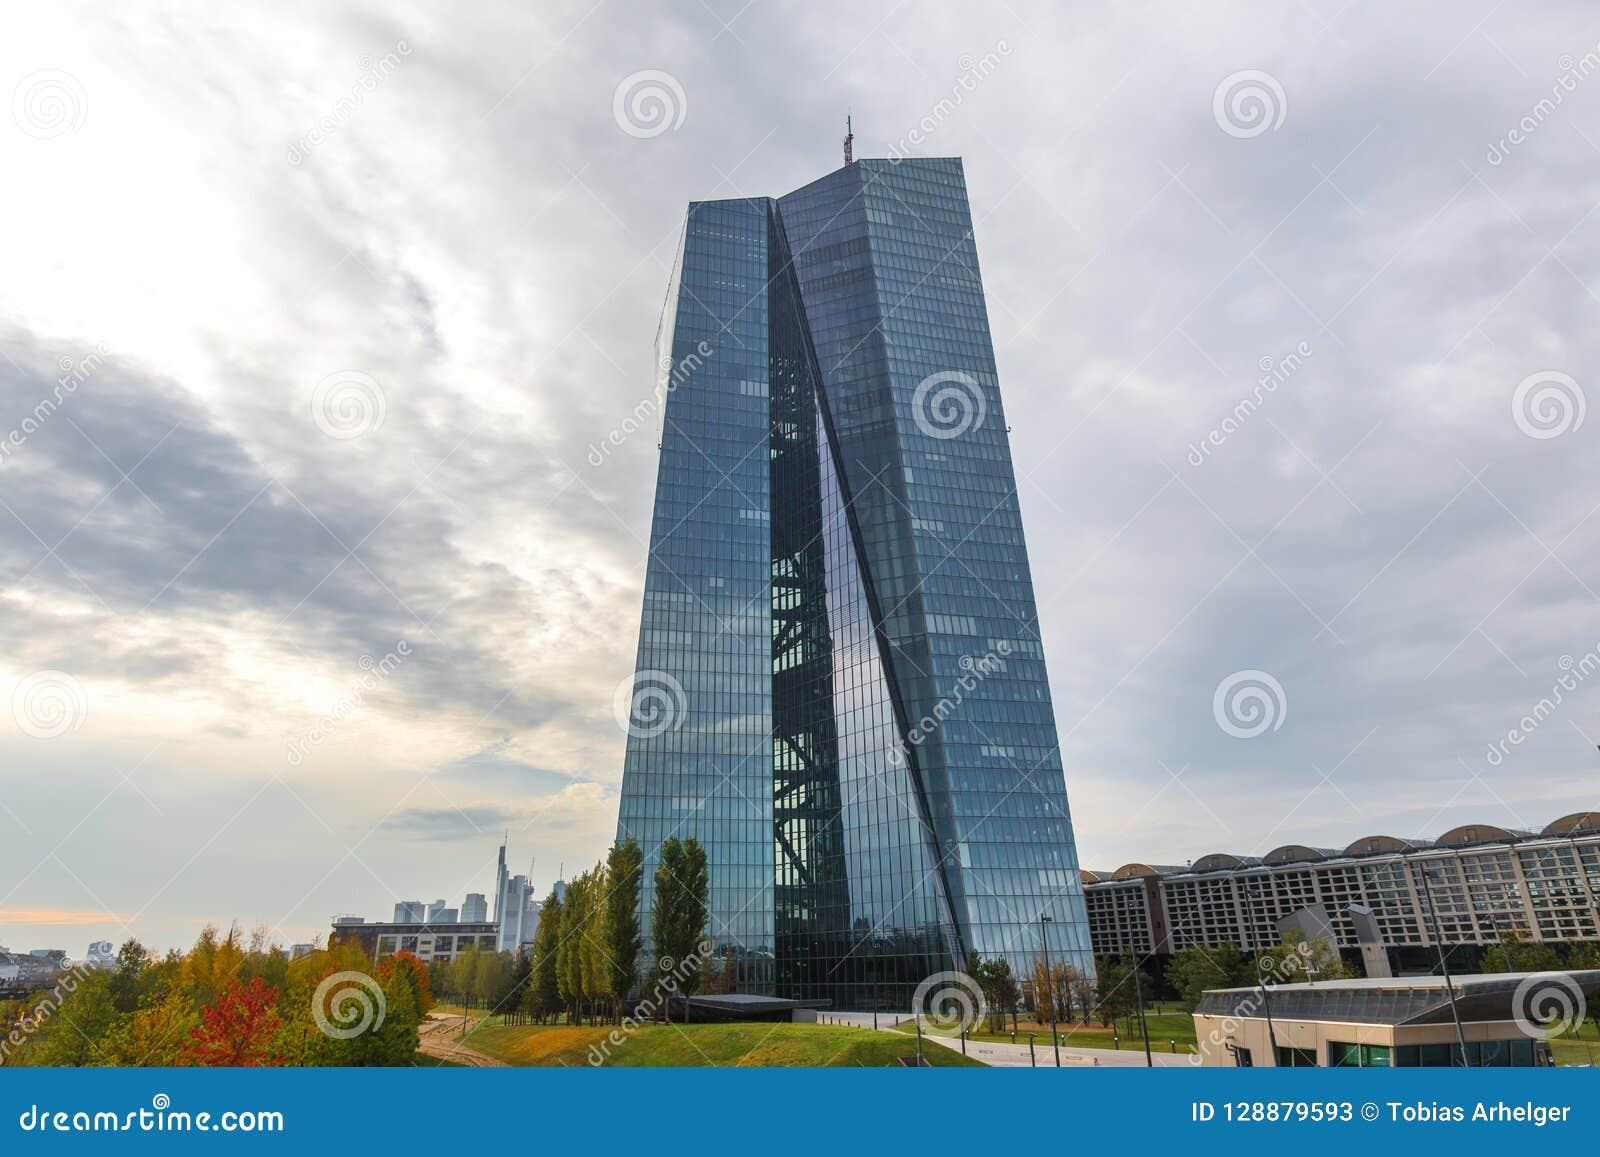 Φρανκφούρτη, hesse/Γερμανία - 11 10 18: κτήριο Ευρωπαϊκών Κεντρικών Τραπεζών στη Φρανκφούρτη Γερμανία